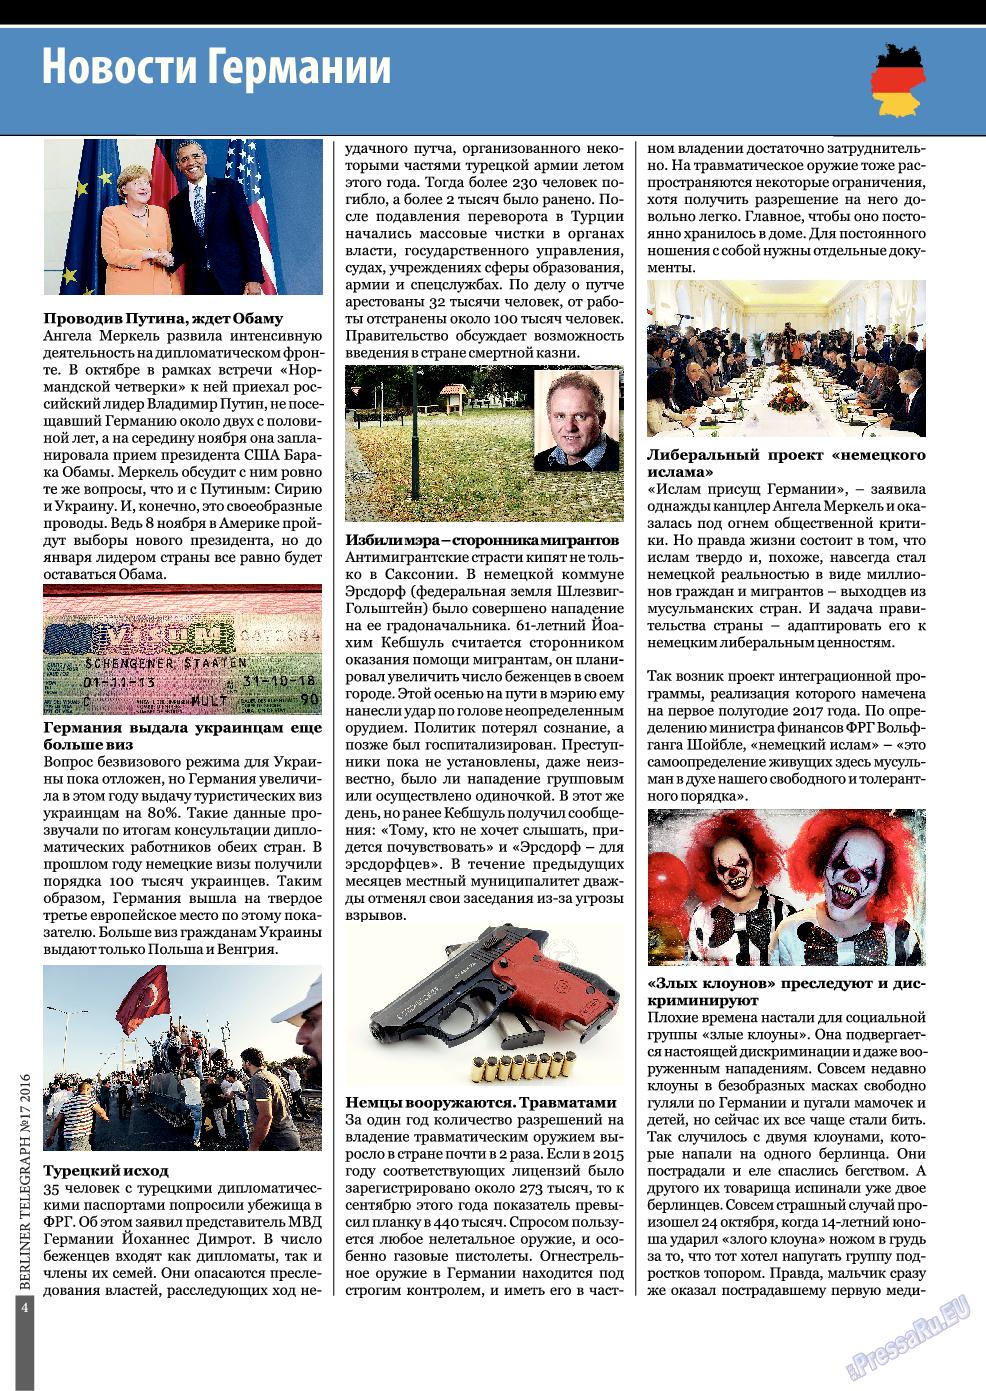 Берлинский телеграф (журнал). 2016 год, номер 17, стр. 4